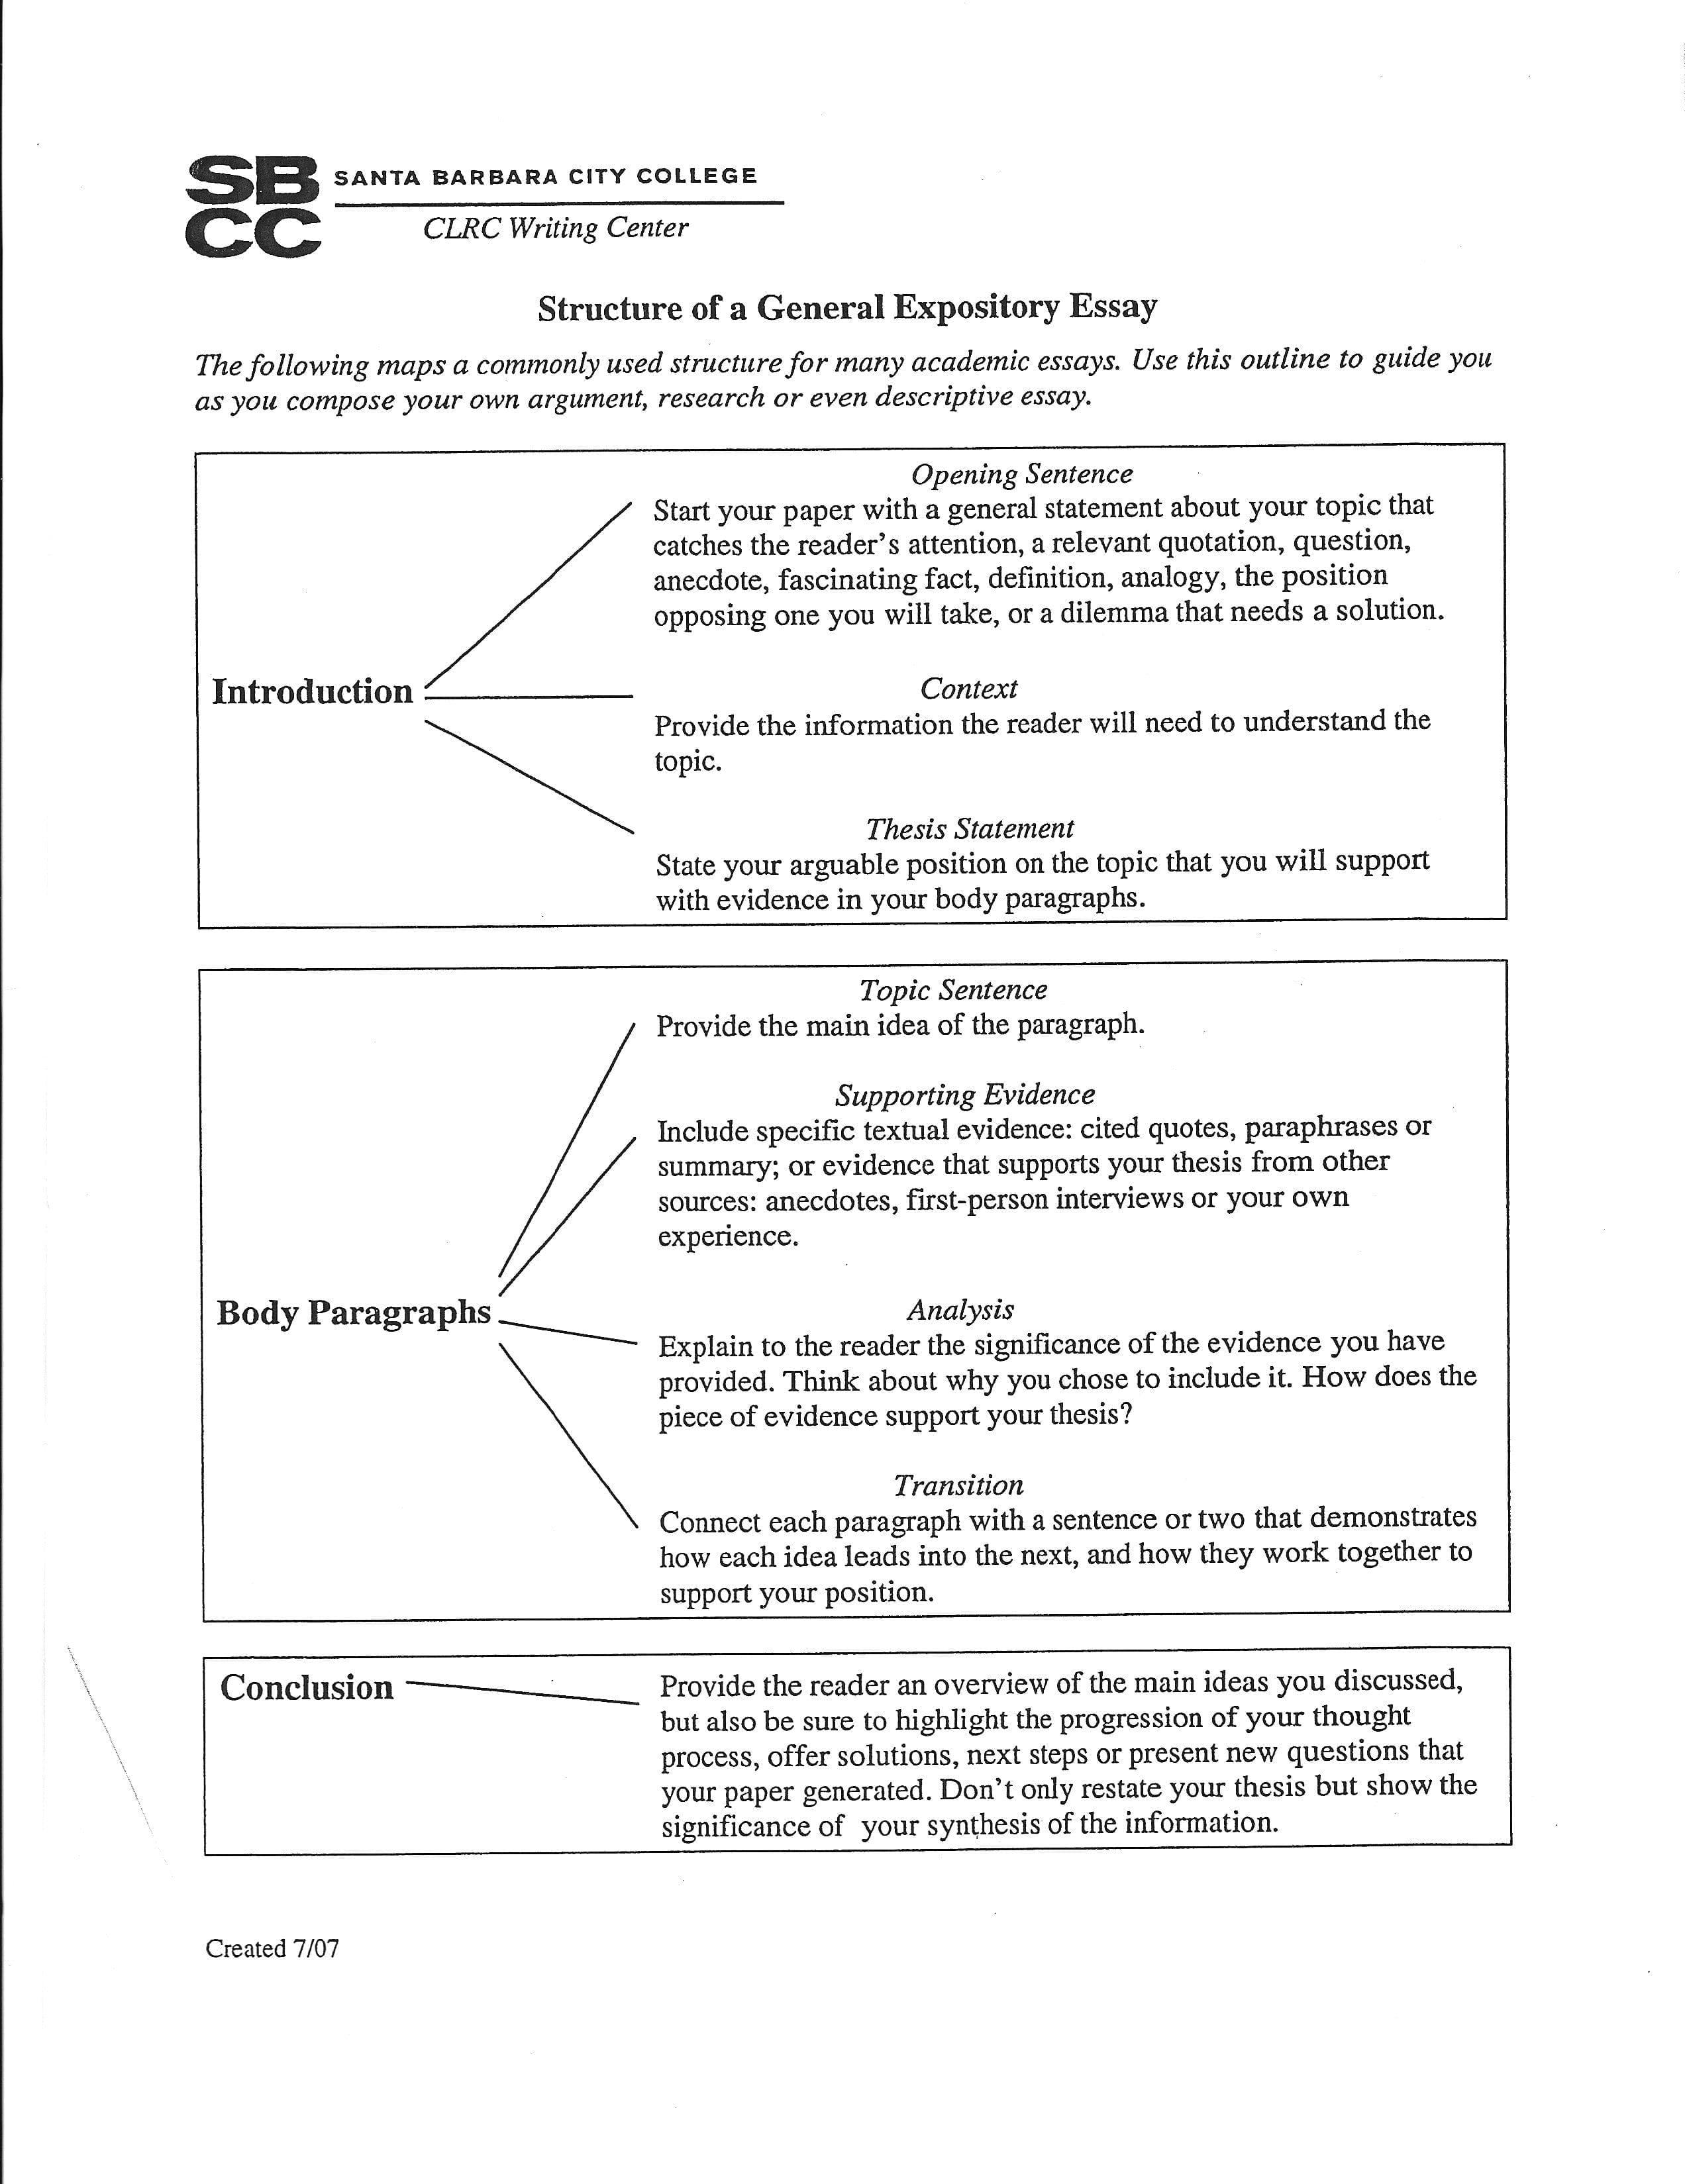 Scientific Method Worksheet High School  Yooob For Scientific Method Worksheet High School